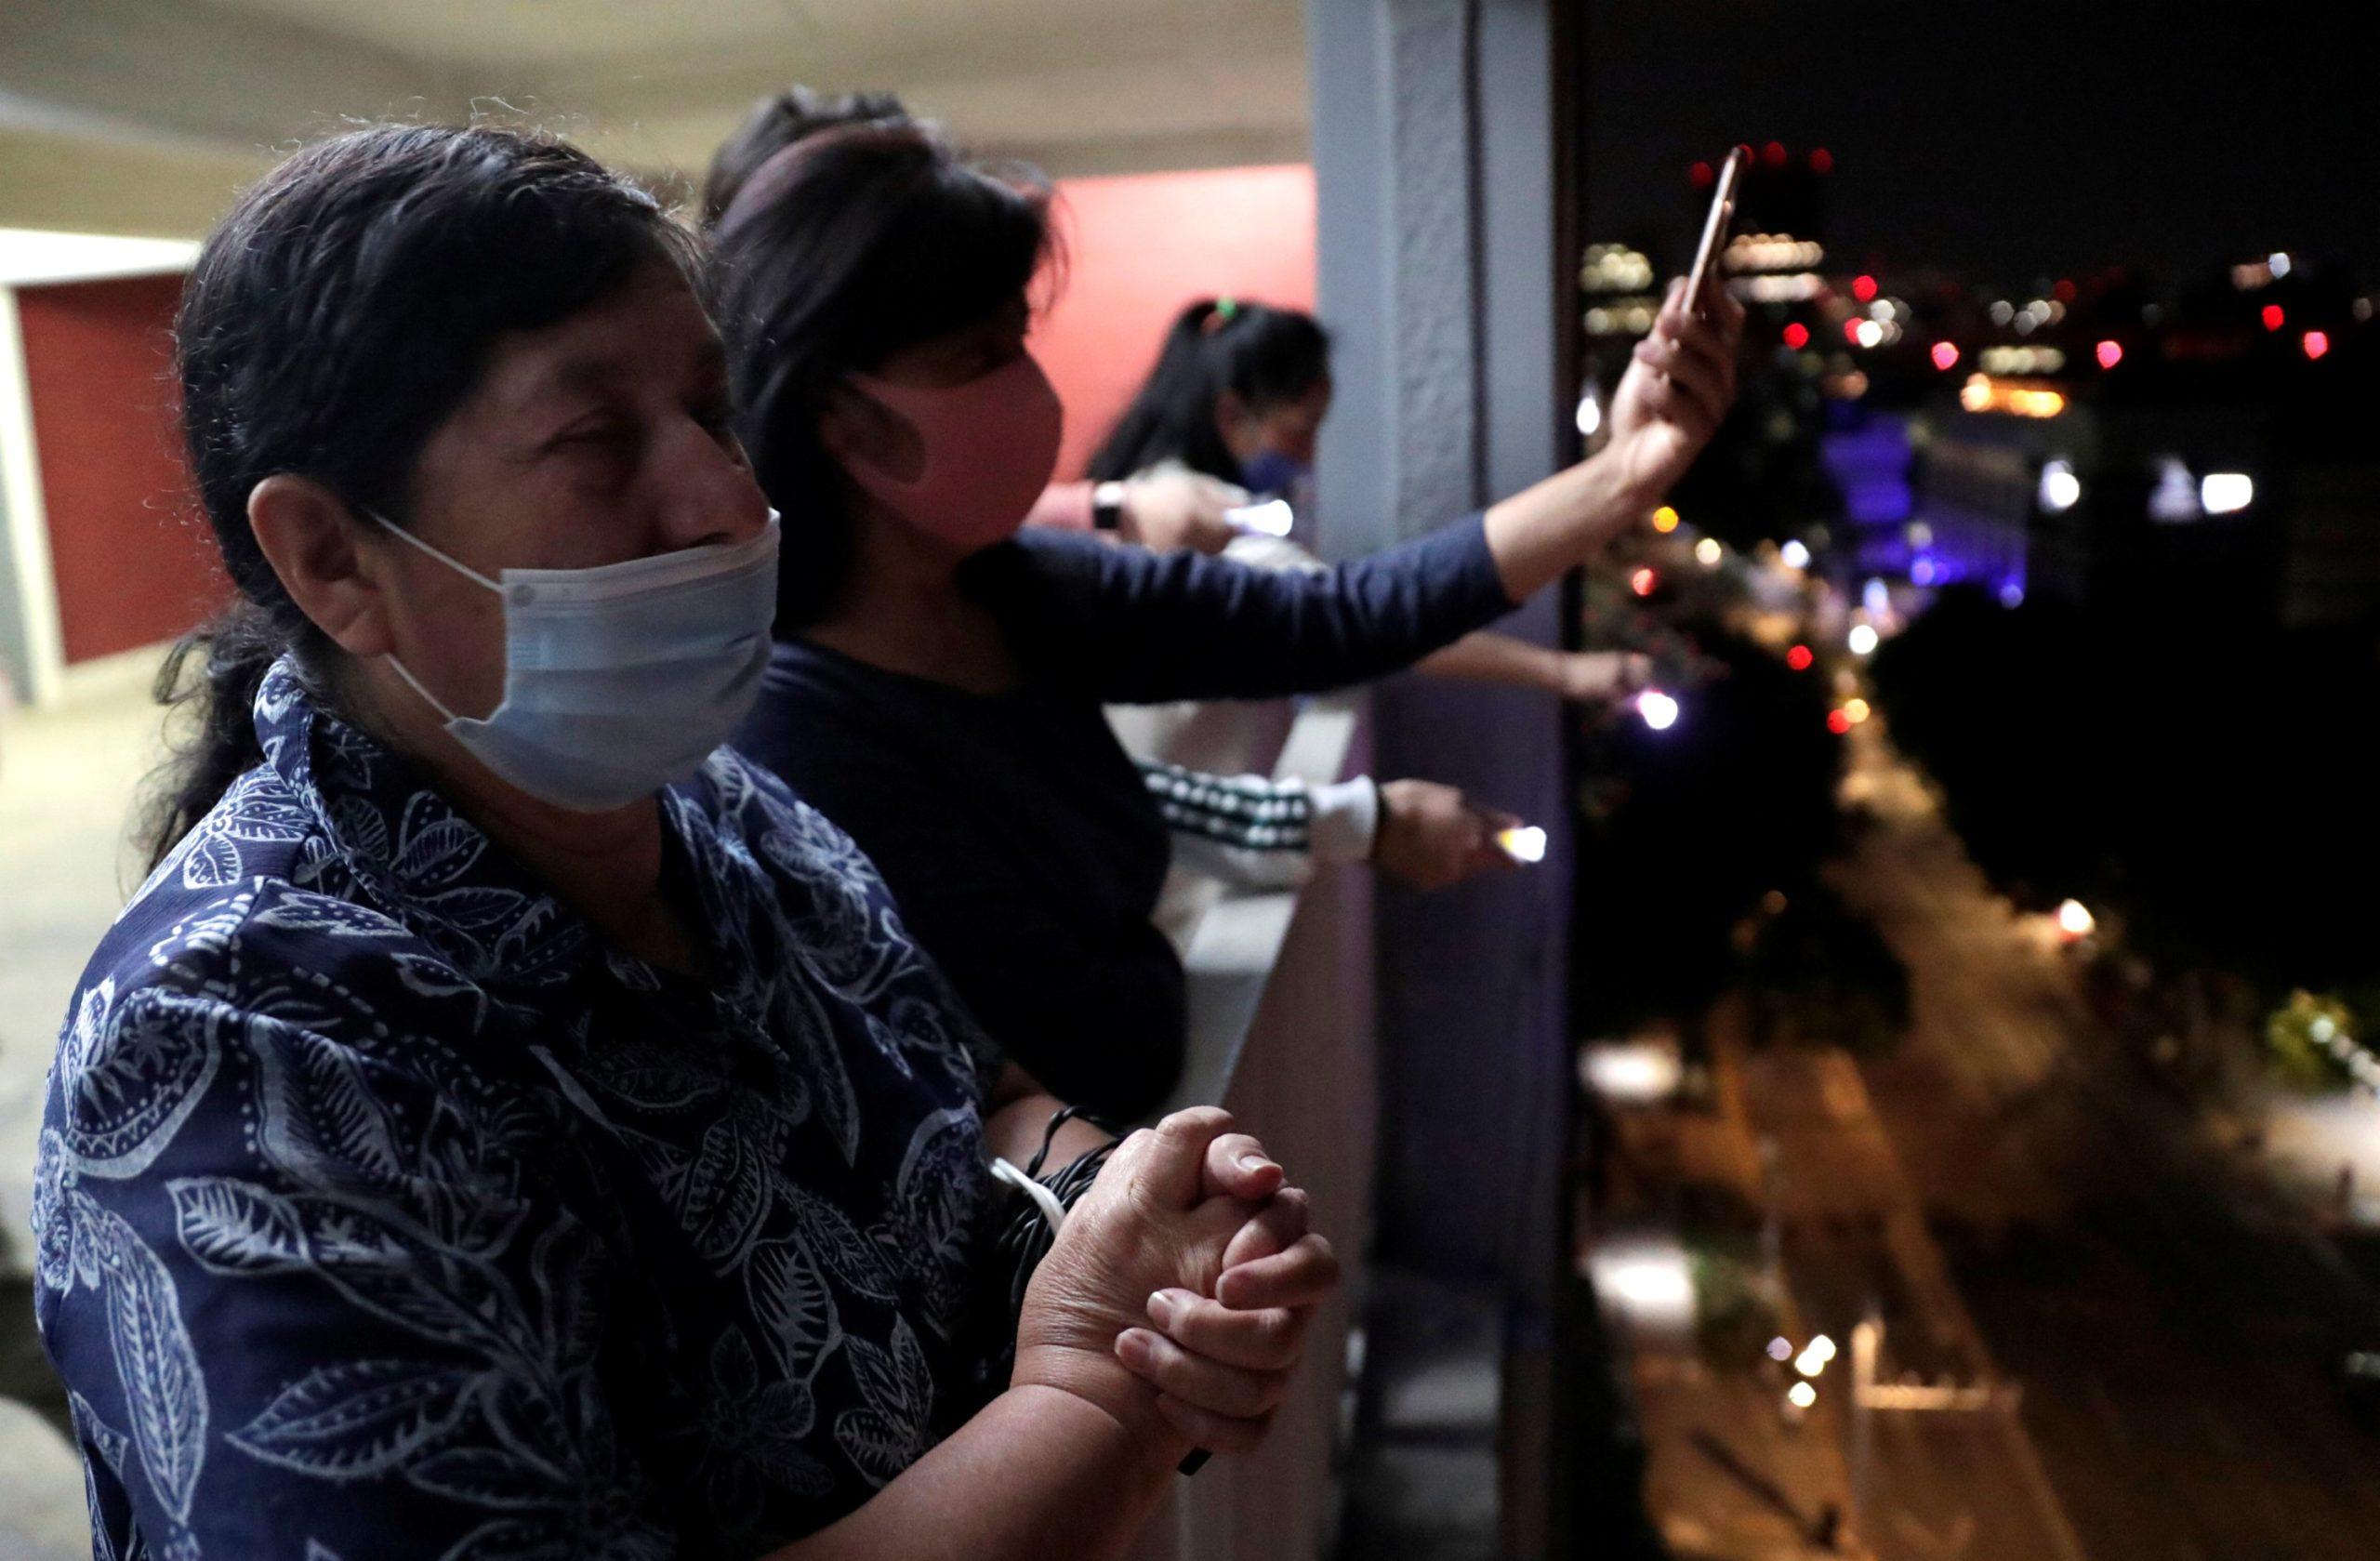 Patriyarka virüsten daha tehlikeli: Pandemide iktidarlar kadınlar için ne yaptı? – Pınar, Gülçin